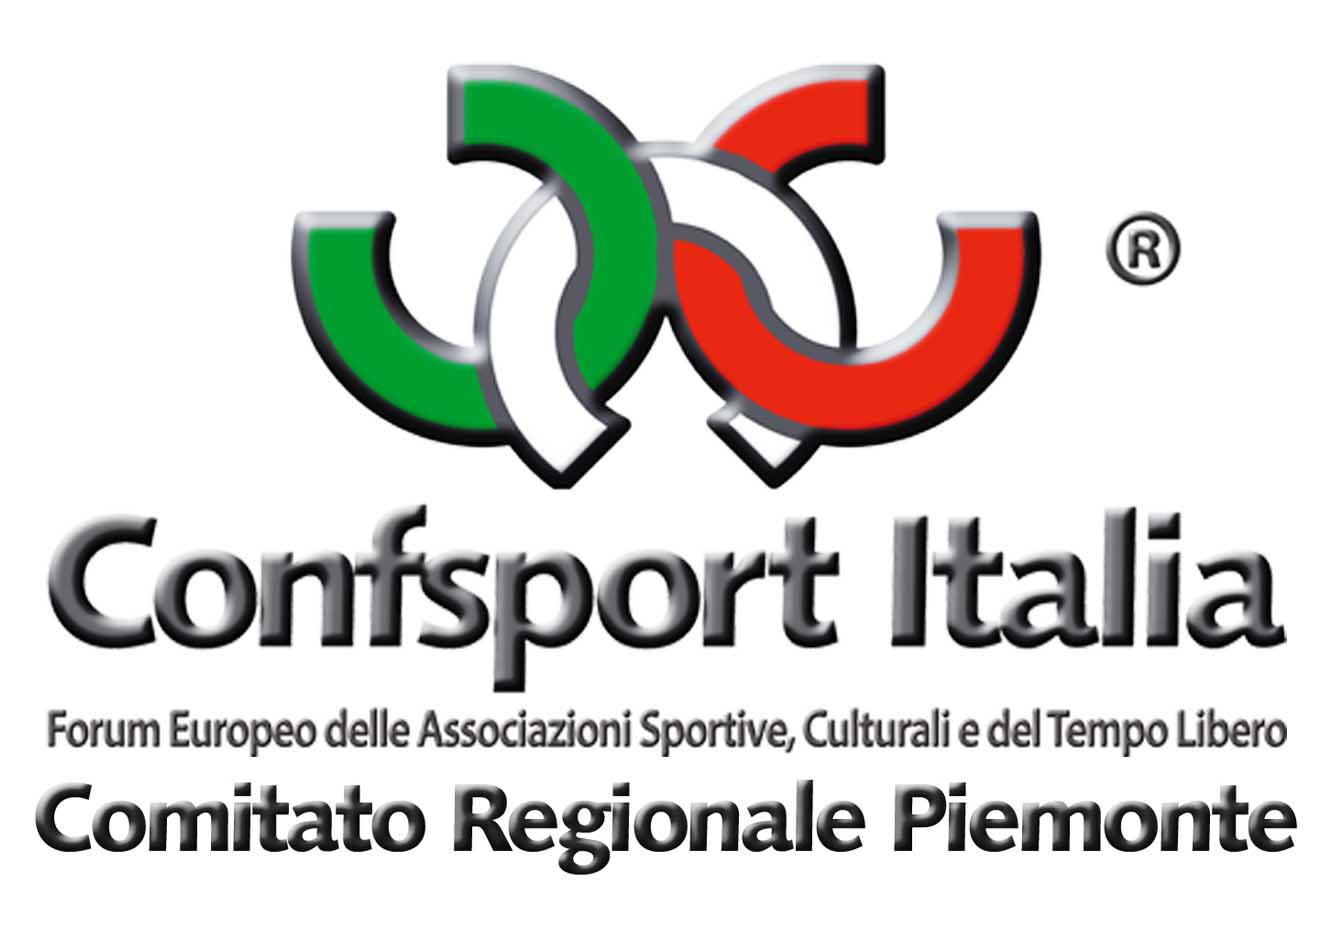 Calendario Fgi 2020.Regione Piemonte Confsport Italia